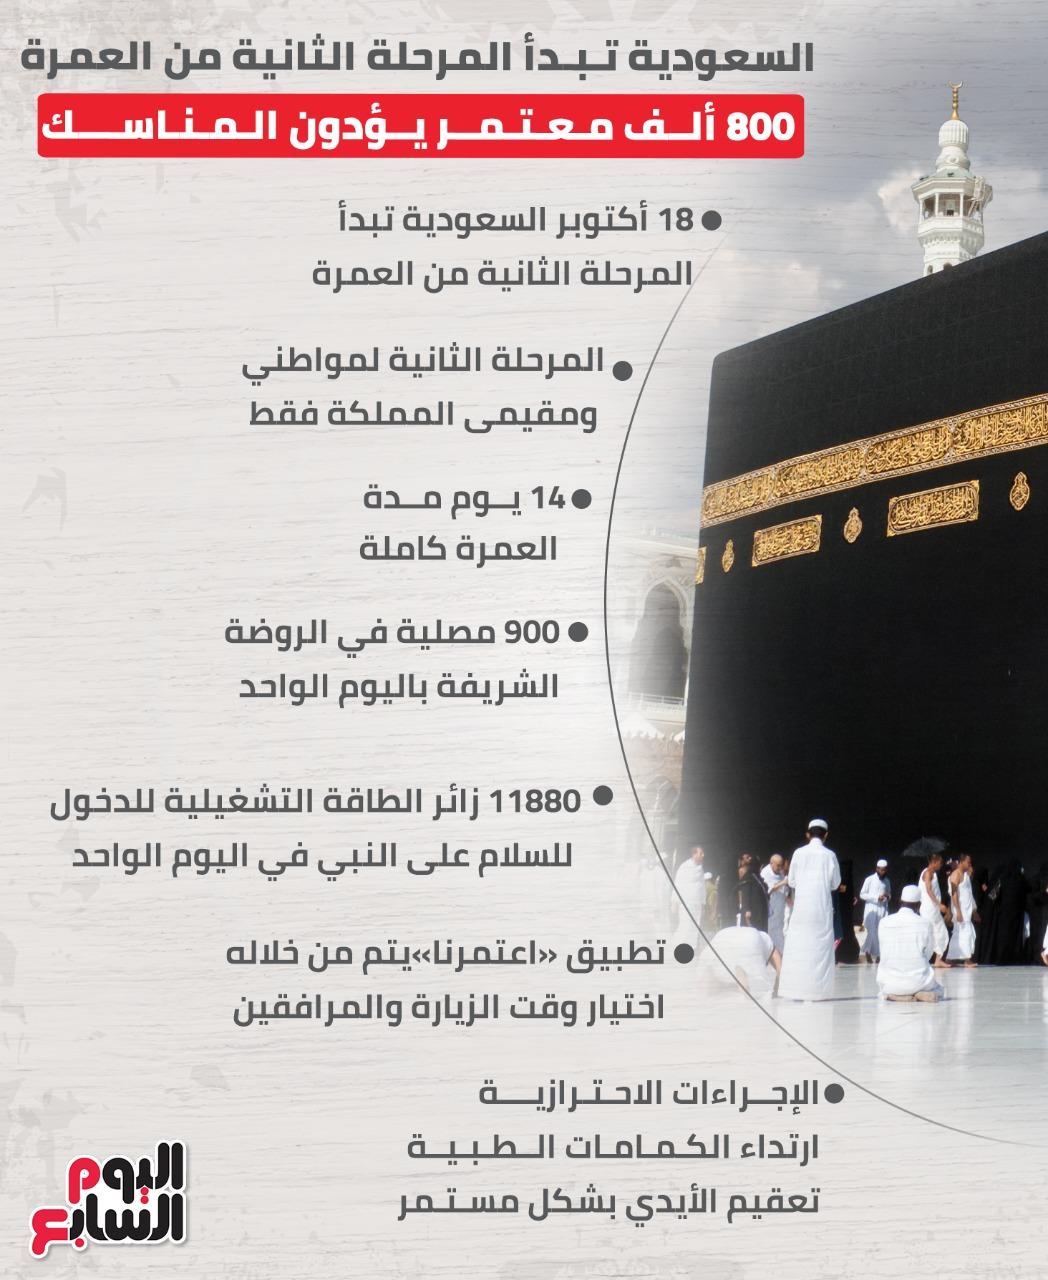 السعودية تبدأ المرحلة الثانية من العمرة